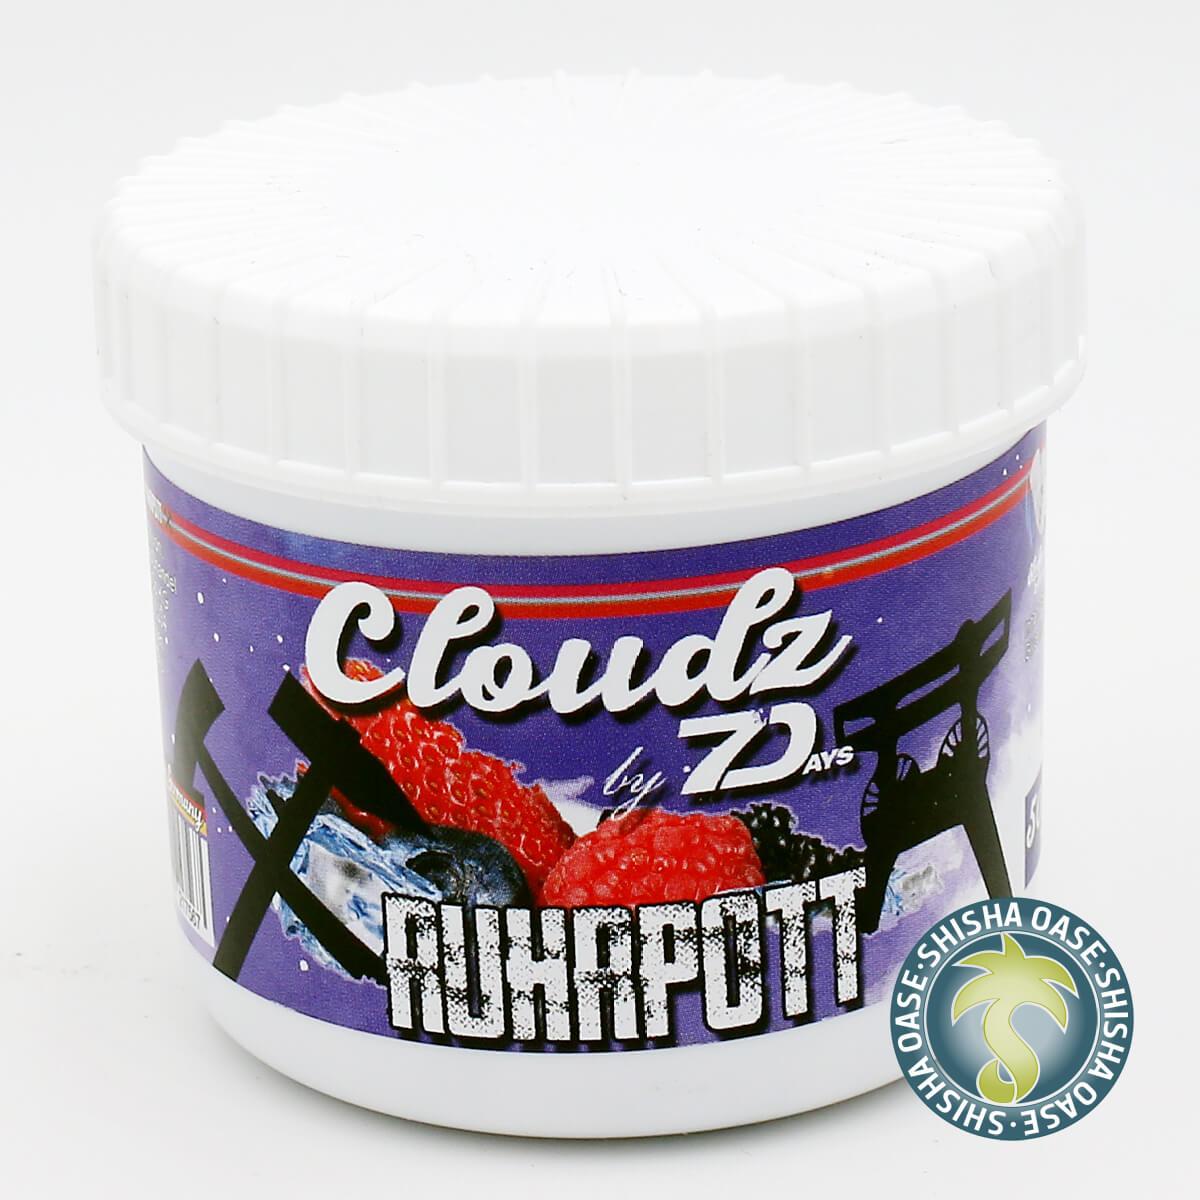 Cloudz by 7 Days Dampfsteine 50g | Ruhrpott